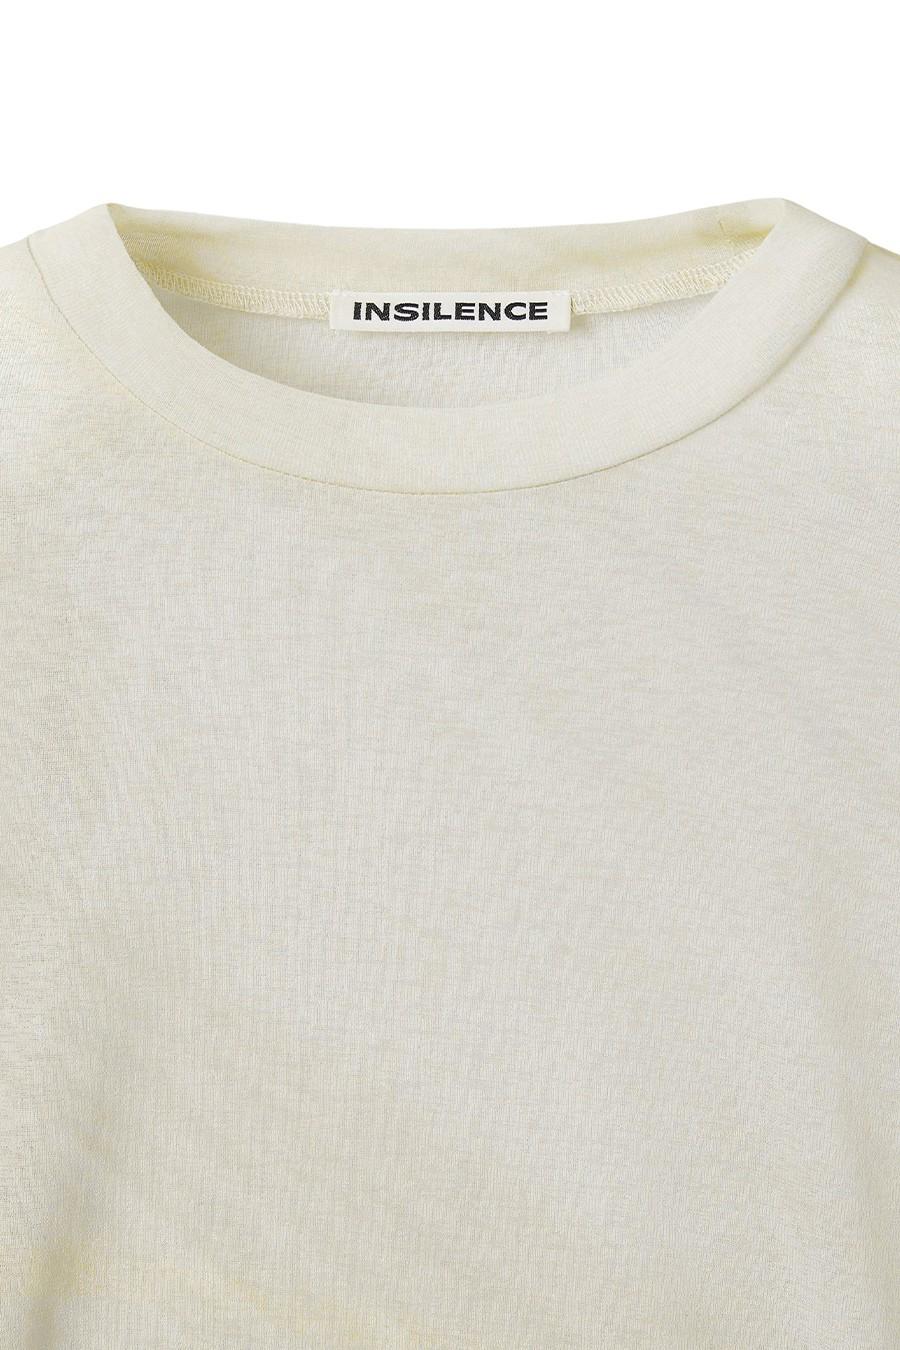 인사일런스 우먼(INSILENCE WOMEN) 그래픽 롱 슬리브 탑 BEIGE